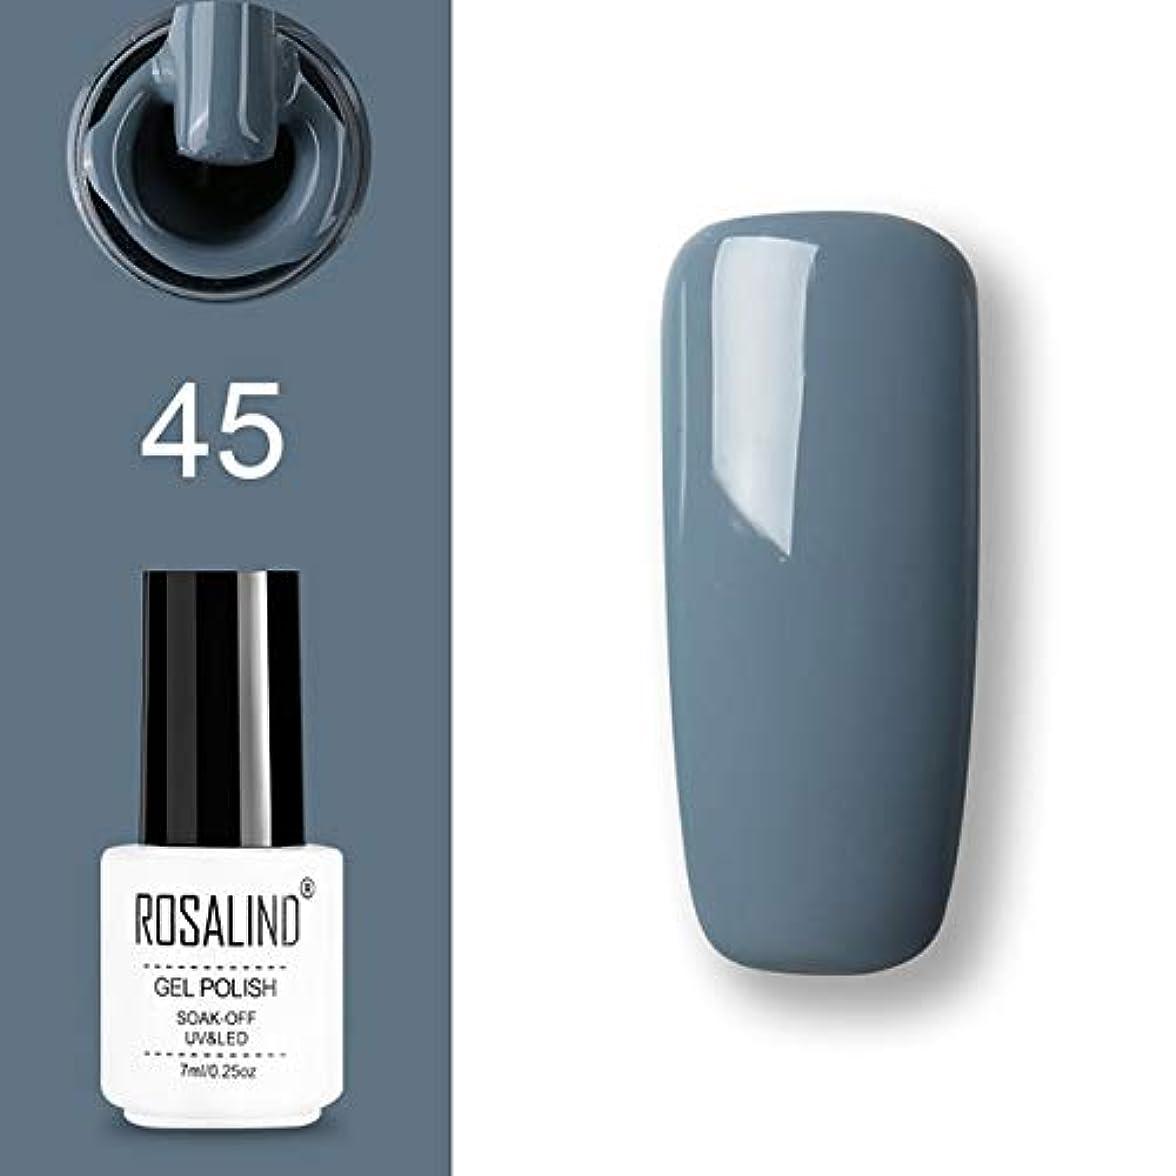 バンク羽ファンシーファッションアイテム ROSALINDジェルポリッシュセットUV半永久プライマートップコートポリジェルニスネイルアートマニキュアジェル、容量:7ml 45ネイルポリッシュ 環境に優しいマニキュア